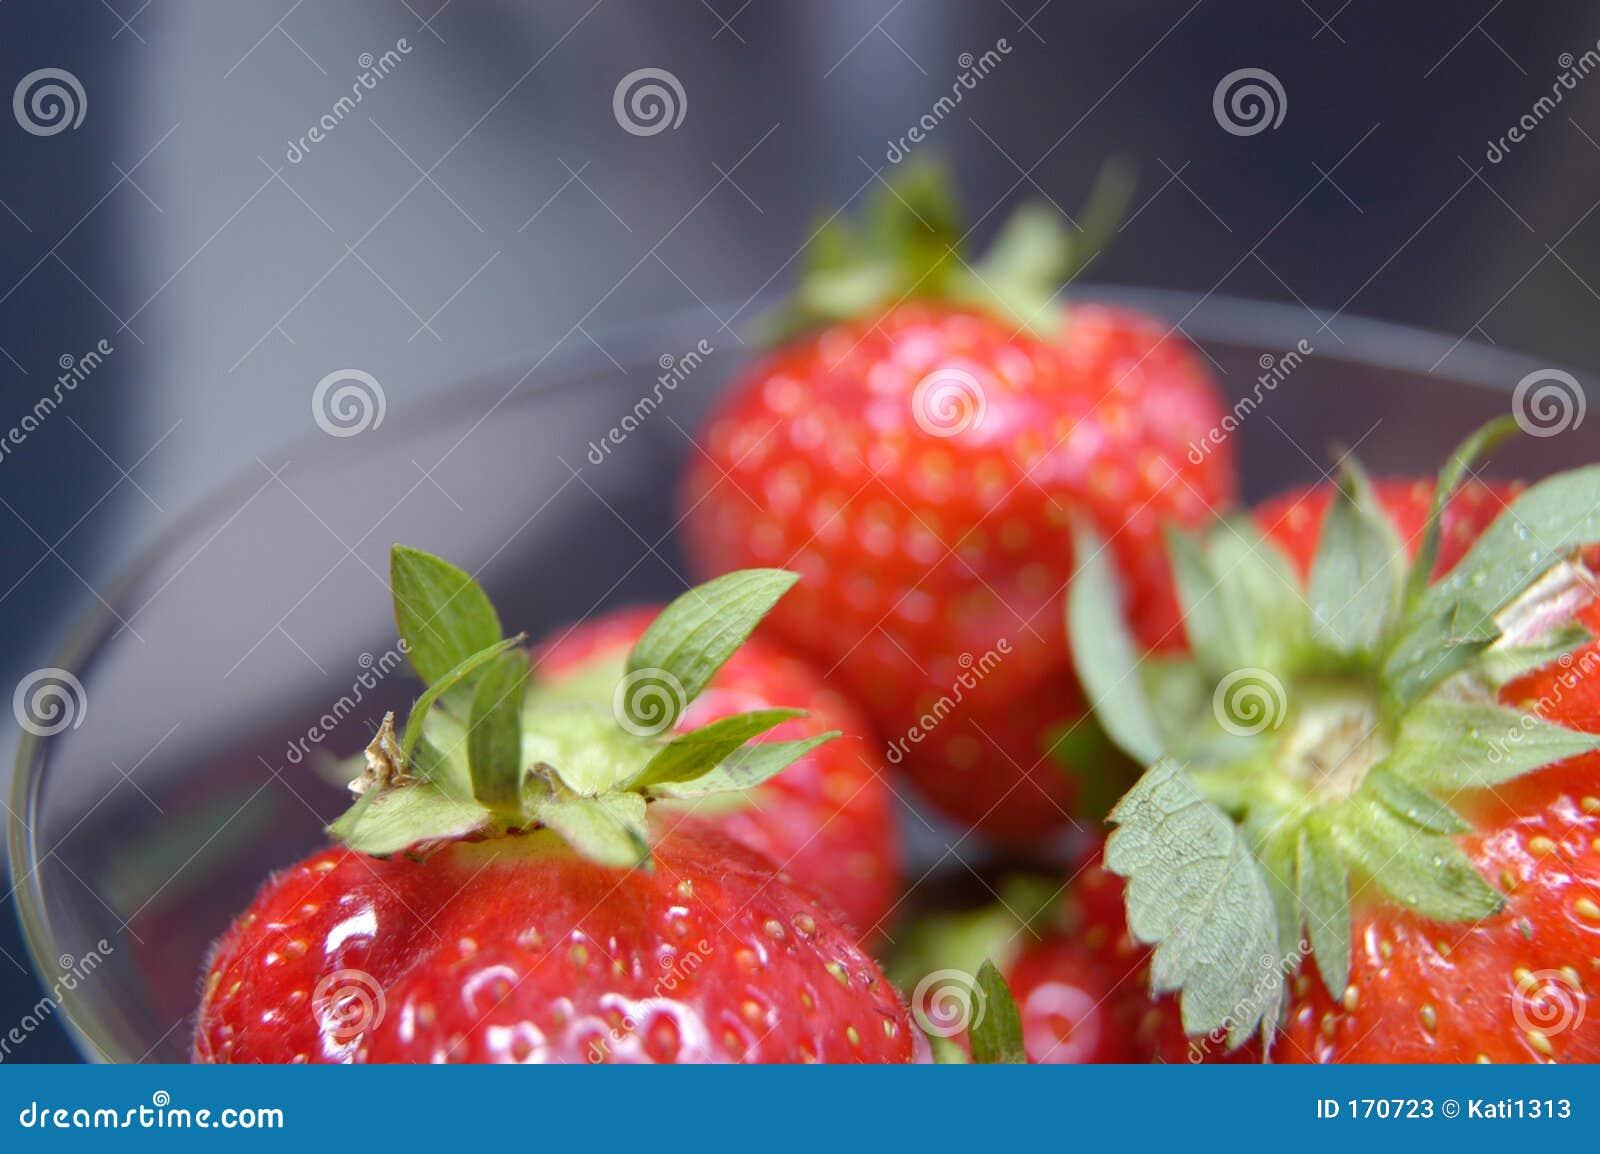 Wet strawberries II